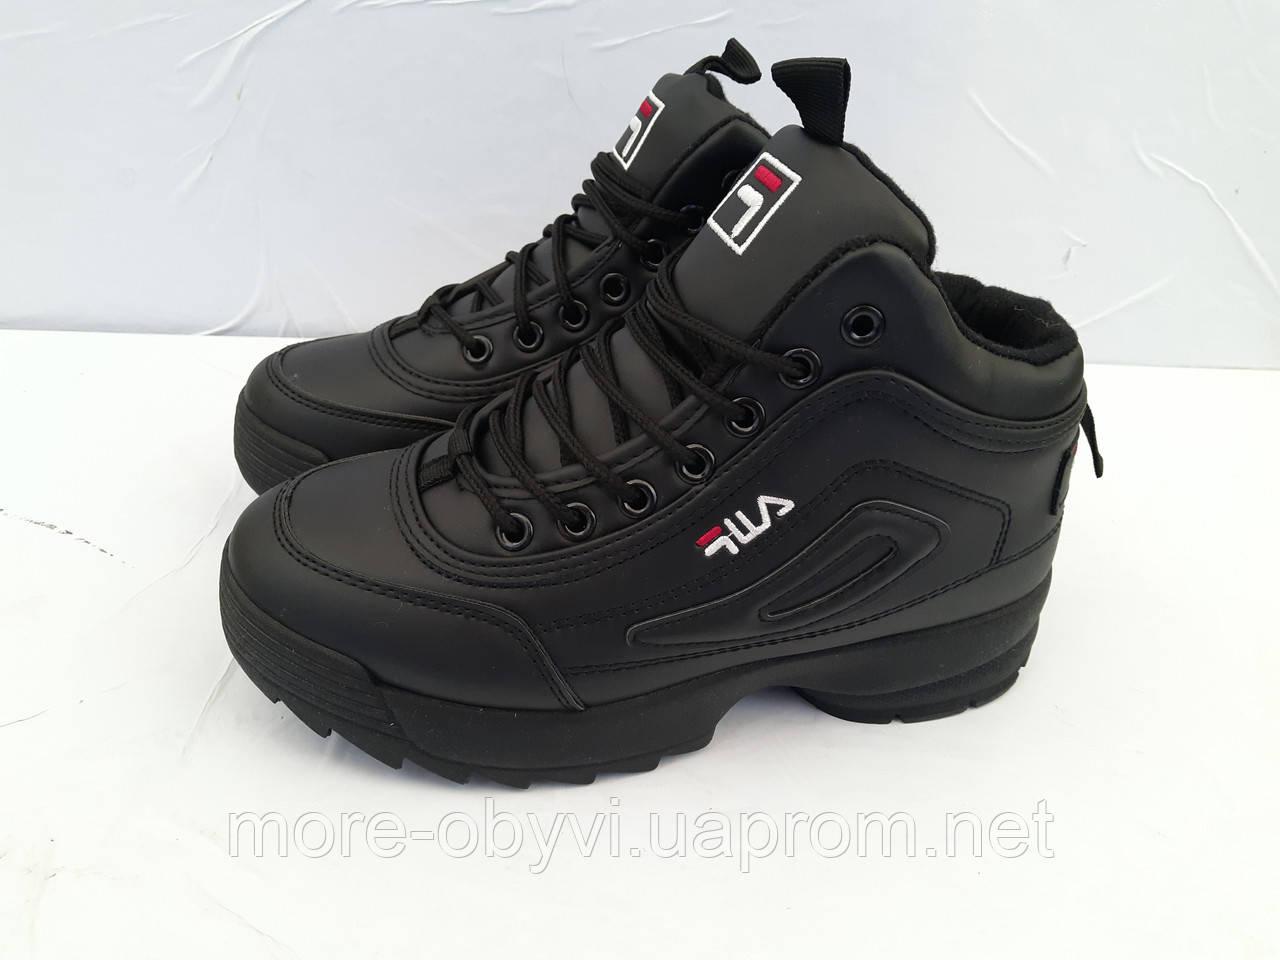 639c03b6 Кроссовки зимние черные FILA disruhtor 31 Хит продаж размер 36-41 ...